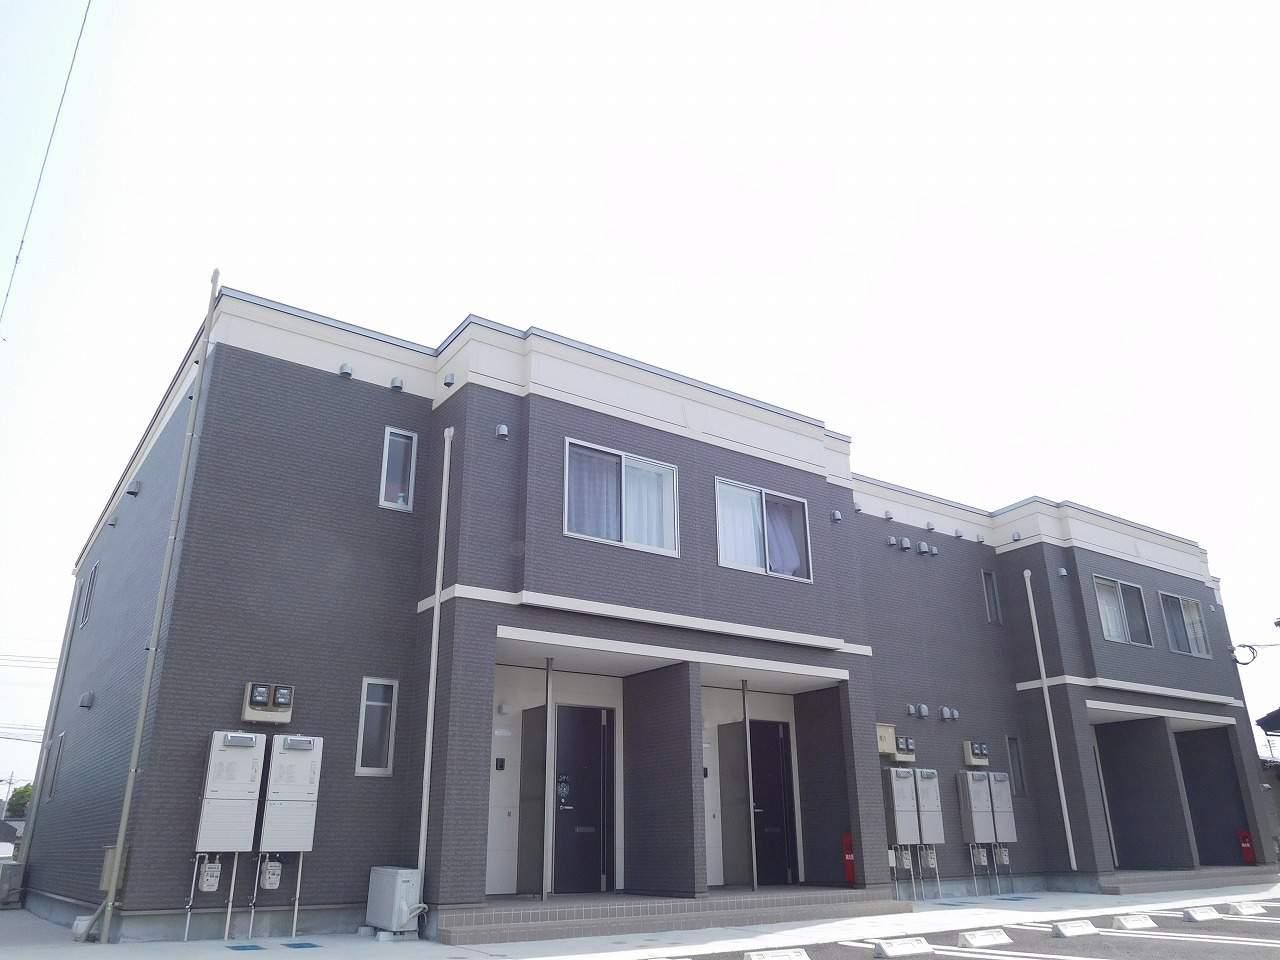 鹿児島県姶良市、加治木駅徒歩19分の新築 2階建の賃貸アパート